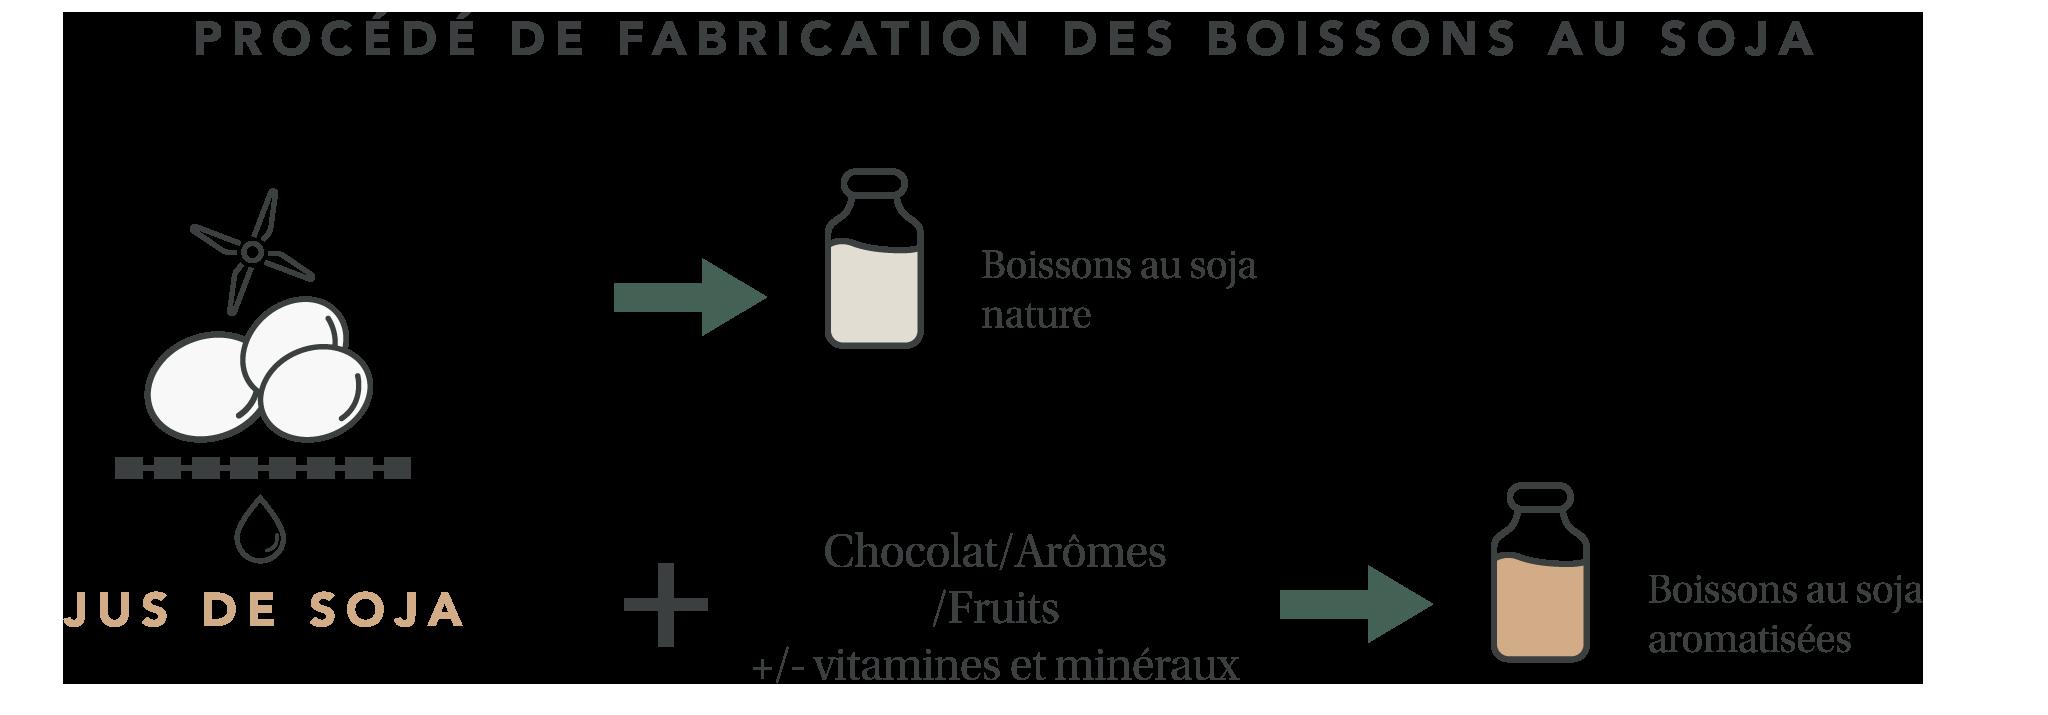 Procédé de fabrication des boissons au soja